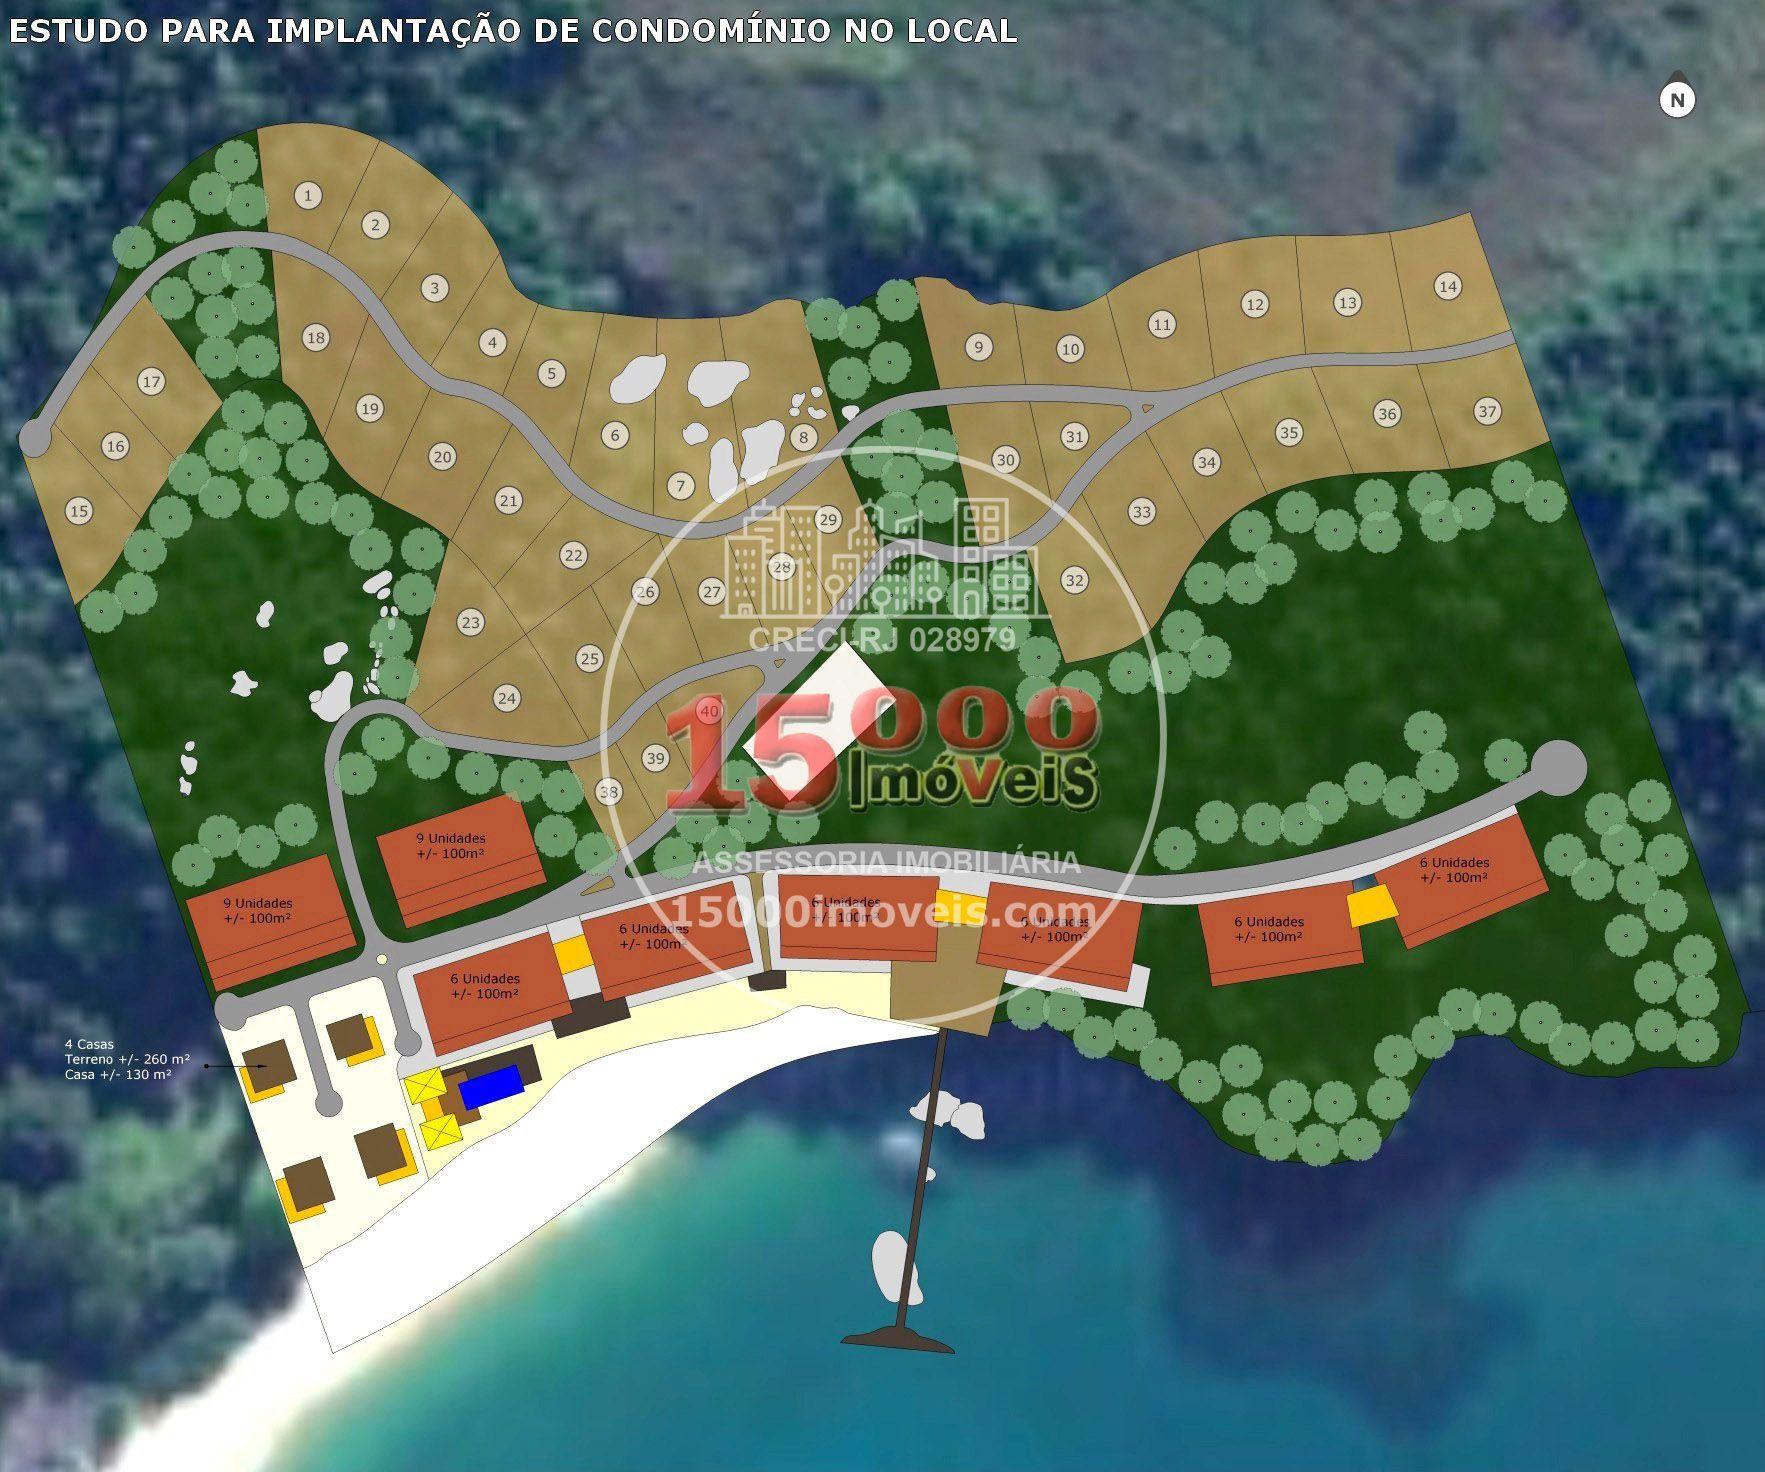 Área de 250.000 m² na Praia dos Maciéis - Angra dos Reis - RJ (15000-084) - 15000-084 - 10